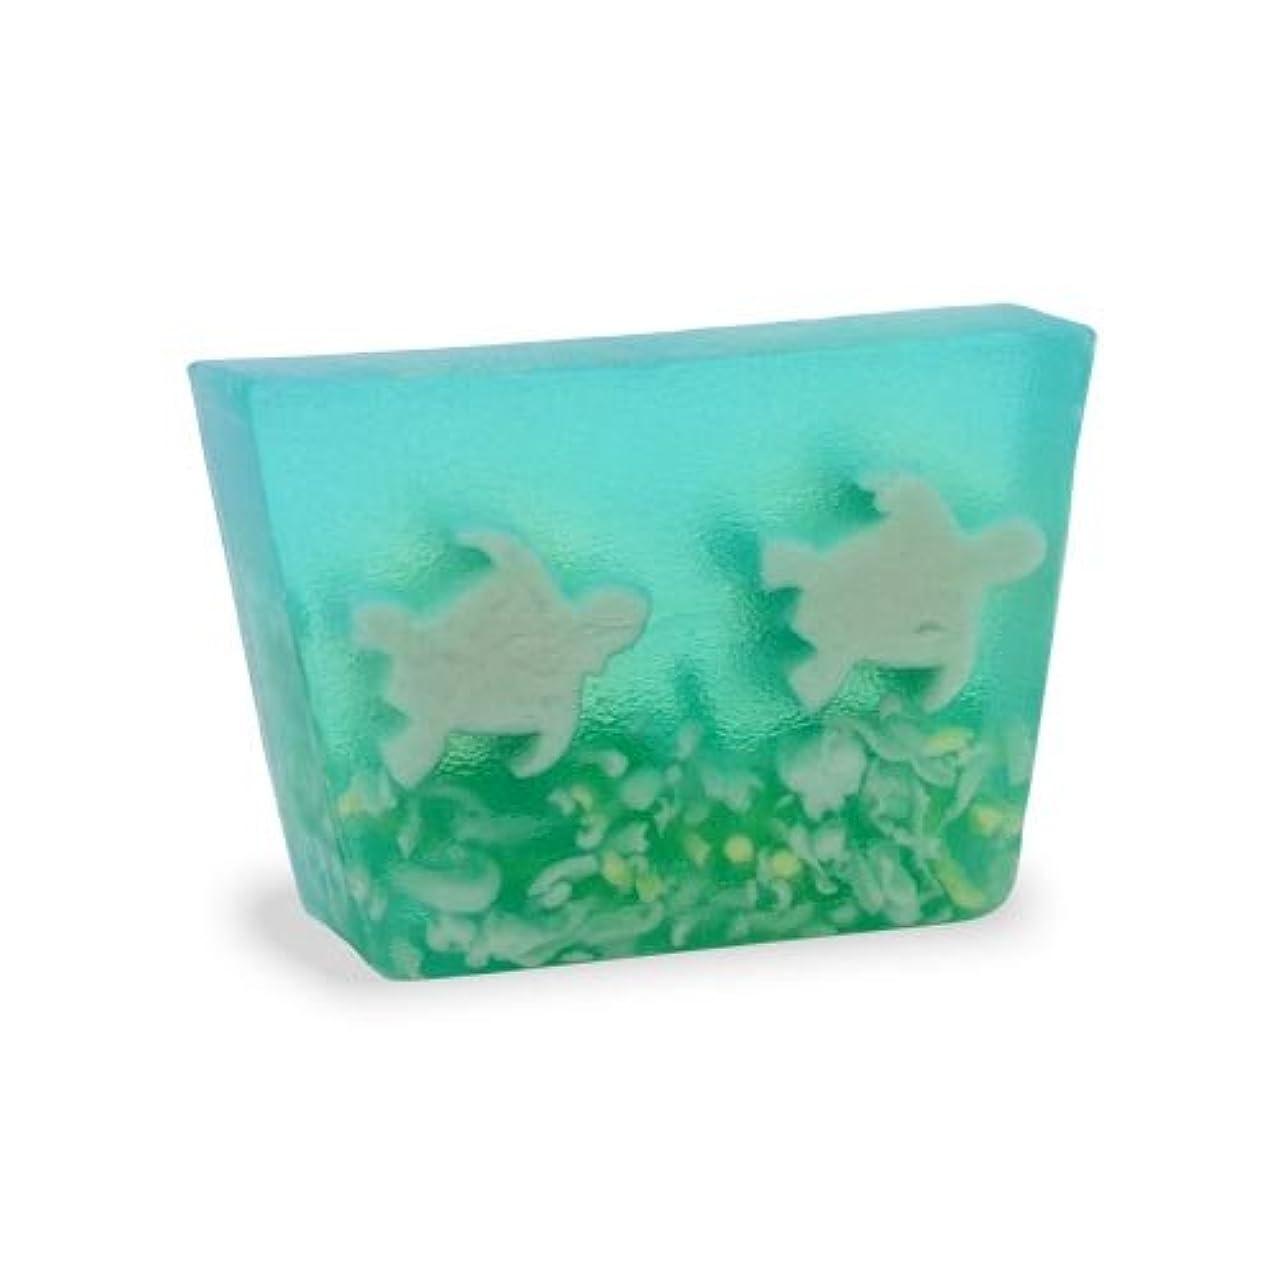 海藻攻撃本プライモールエレメンツ アロマティック ミニソープ シータートルズ 80g 植物性 ナチュラル 石鹸 無添加